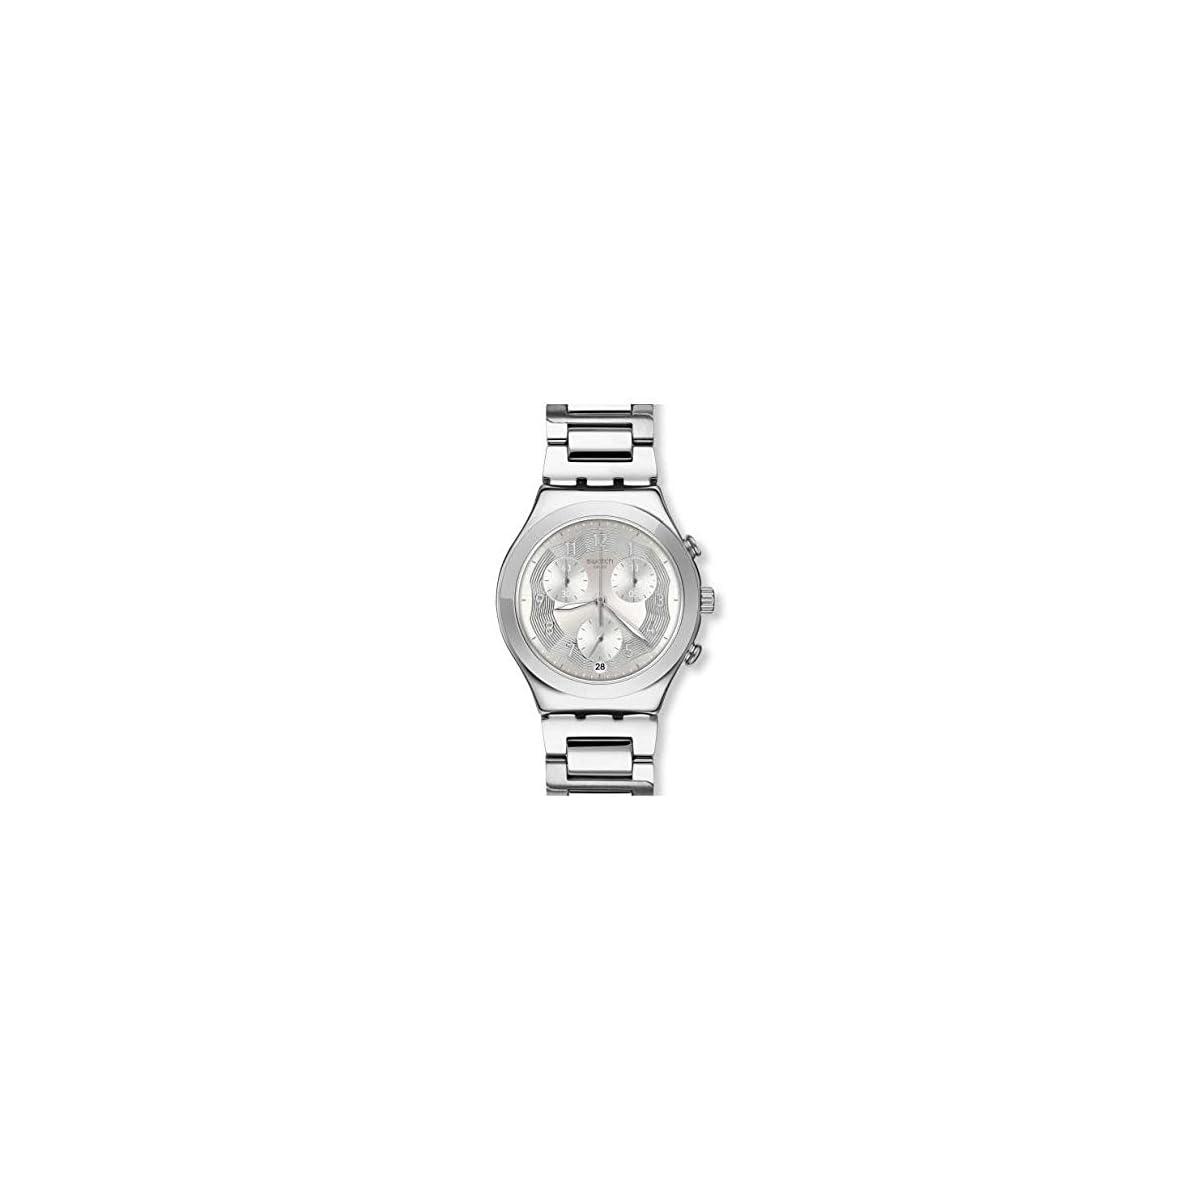 419n8rHKHTL. SS1200  - Swatch Reloj Cronógrafo para Mujer de Cuarzo con Correa en Acero Inoxidable YCS604G